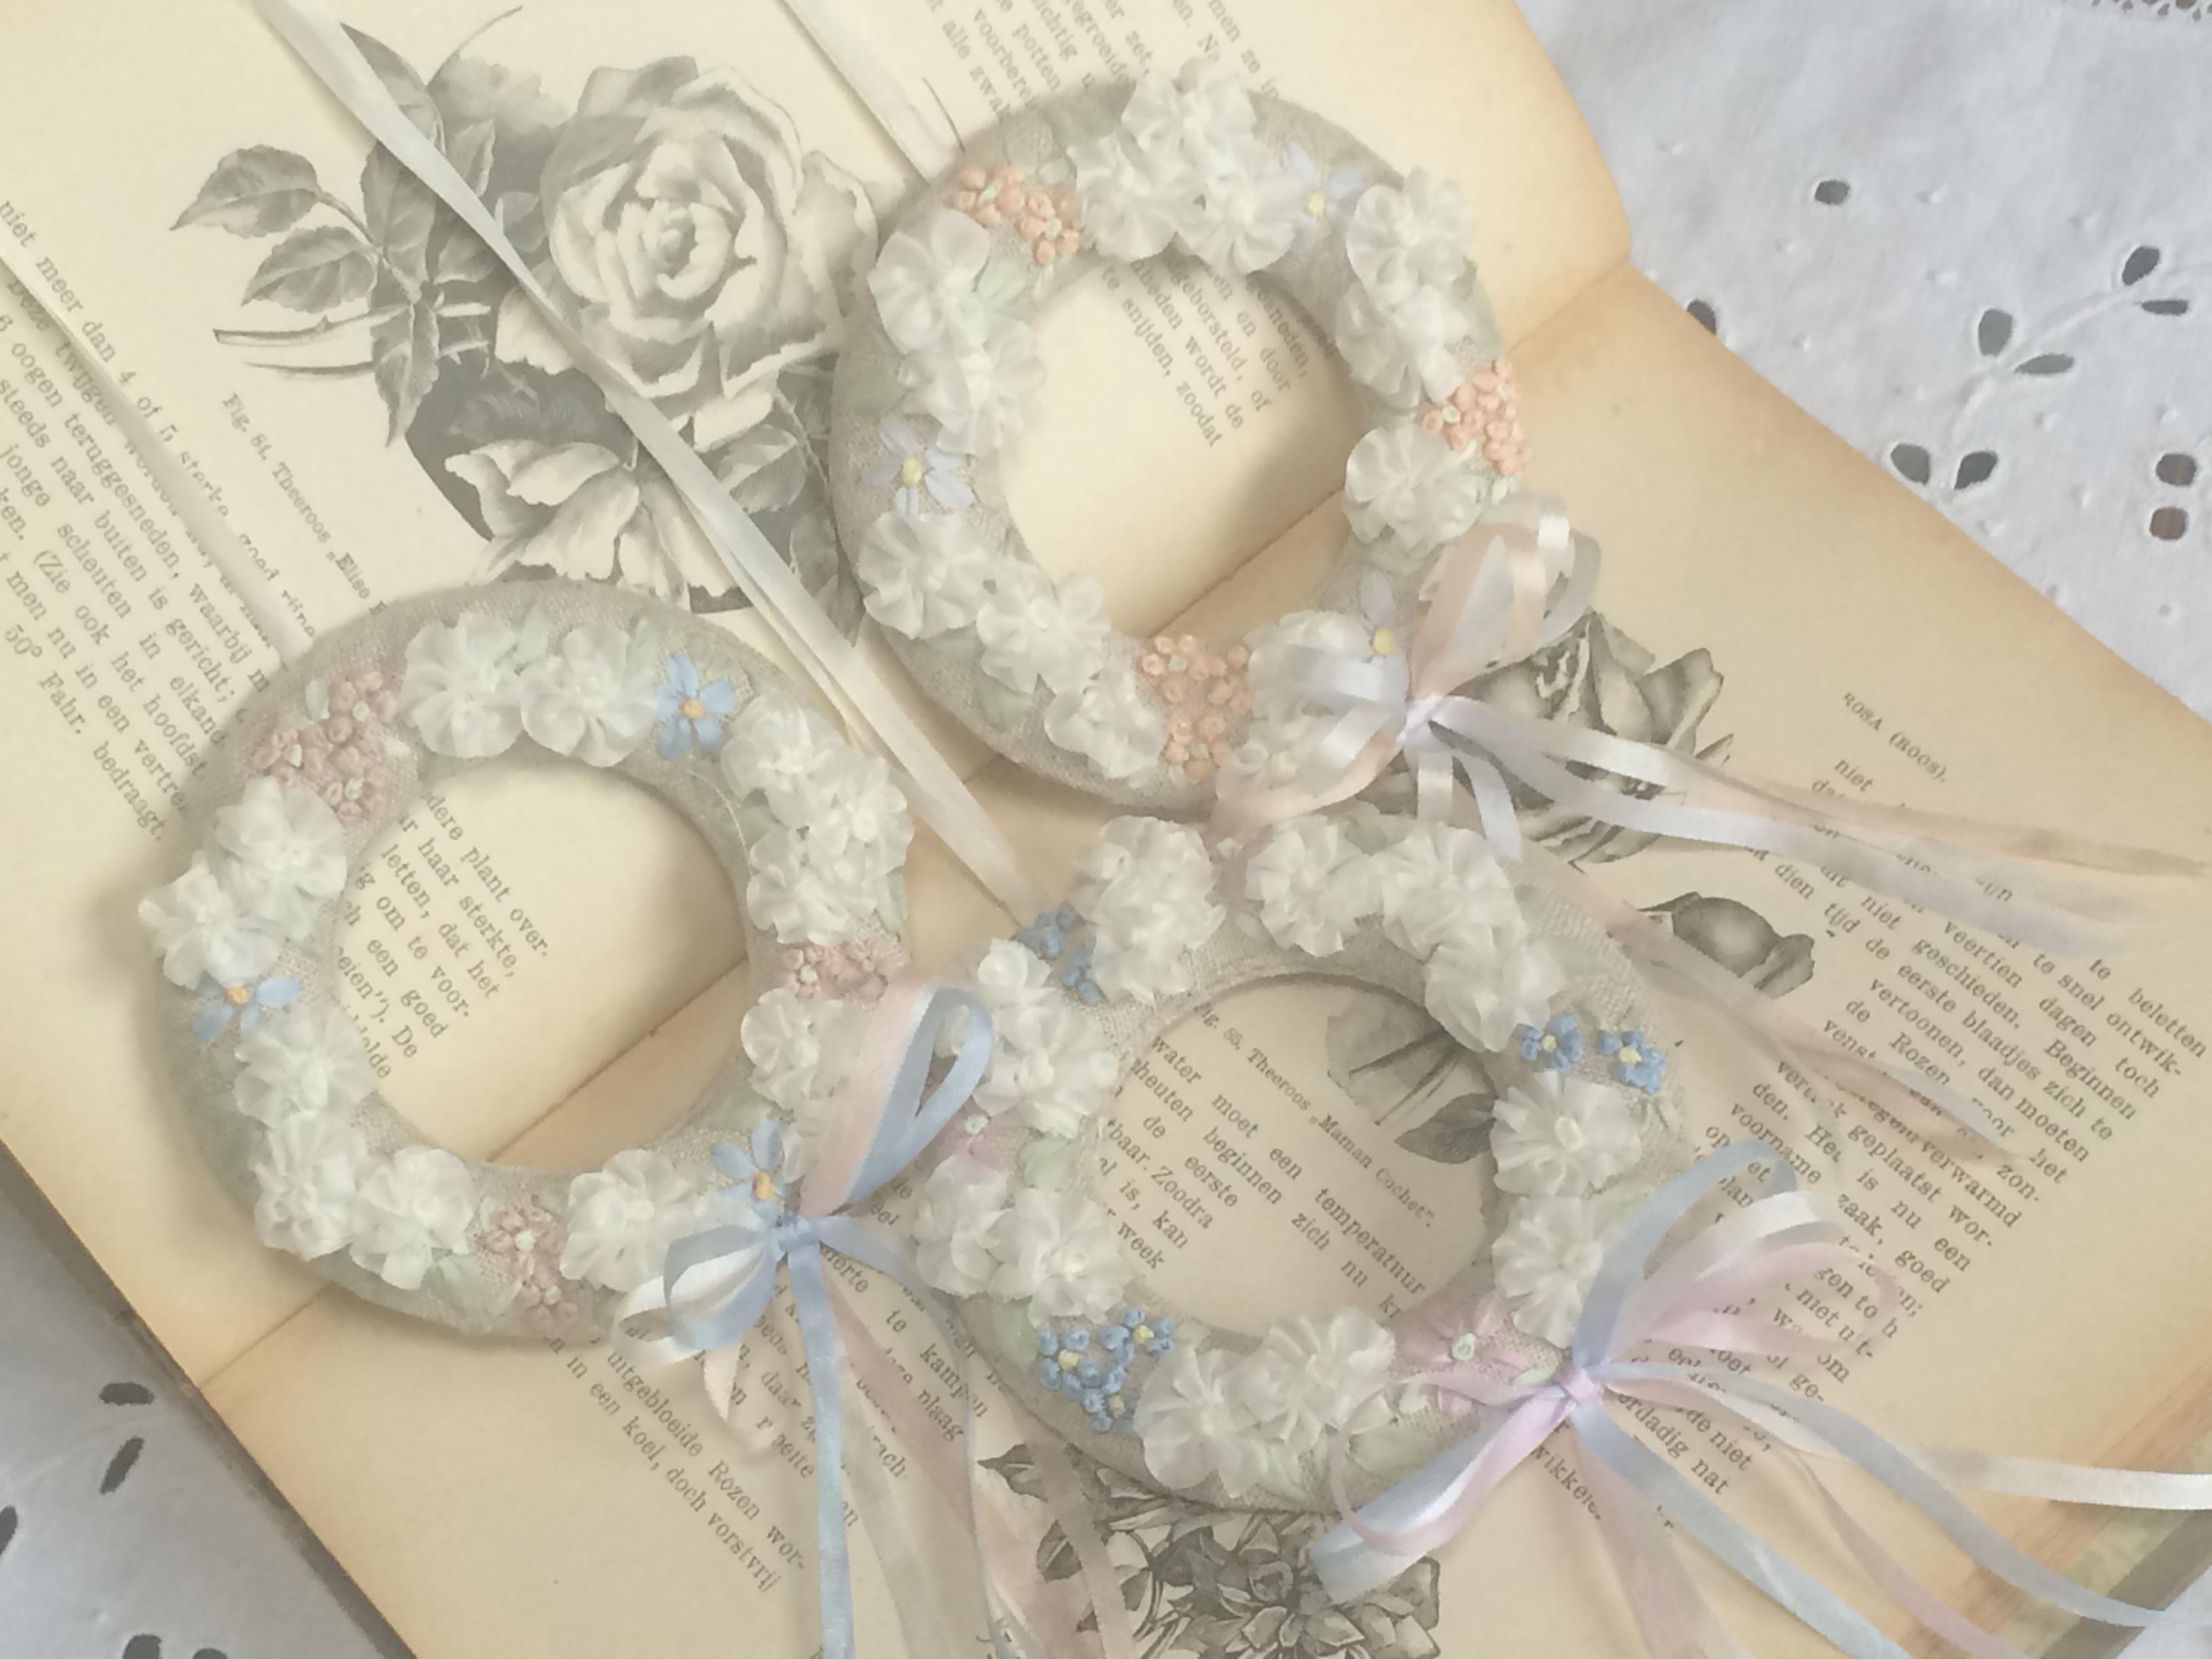 リボン刺繍と白糸刺繍の作品達